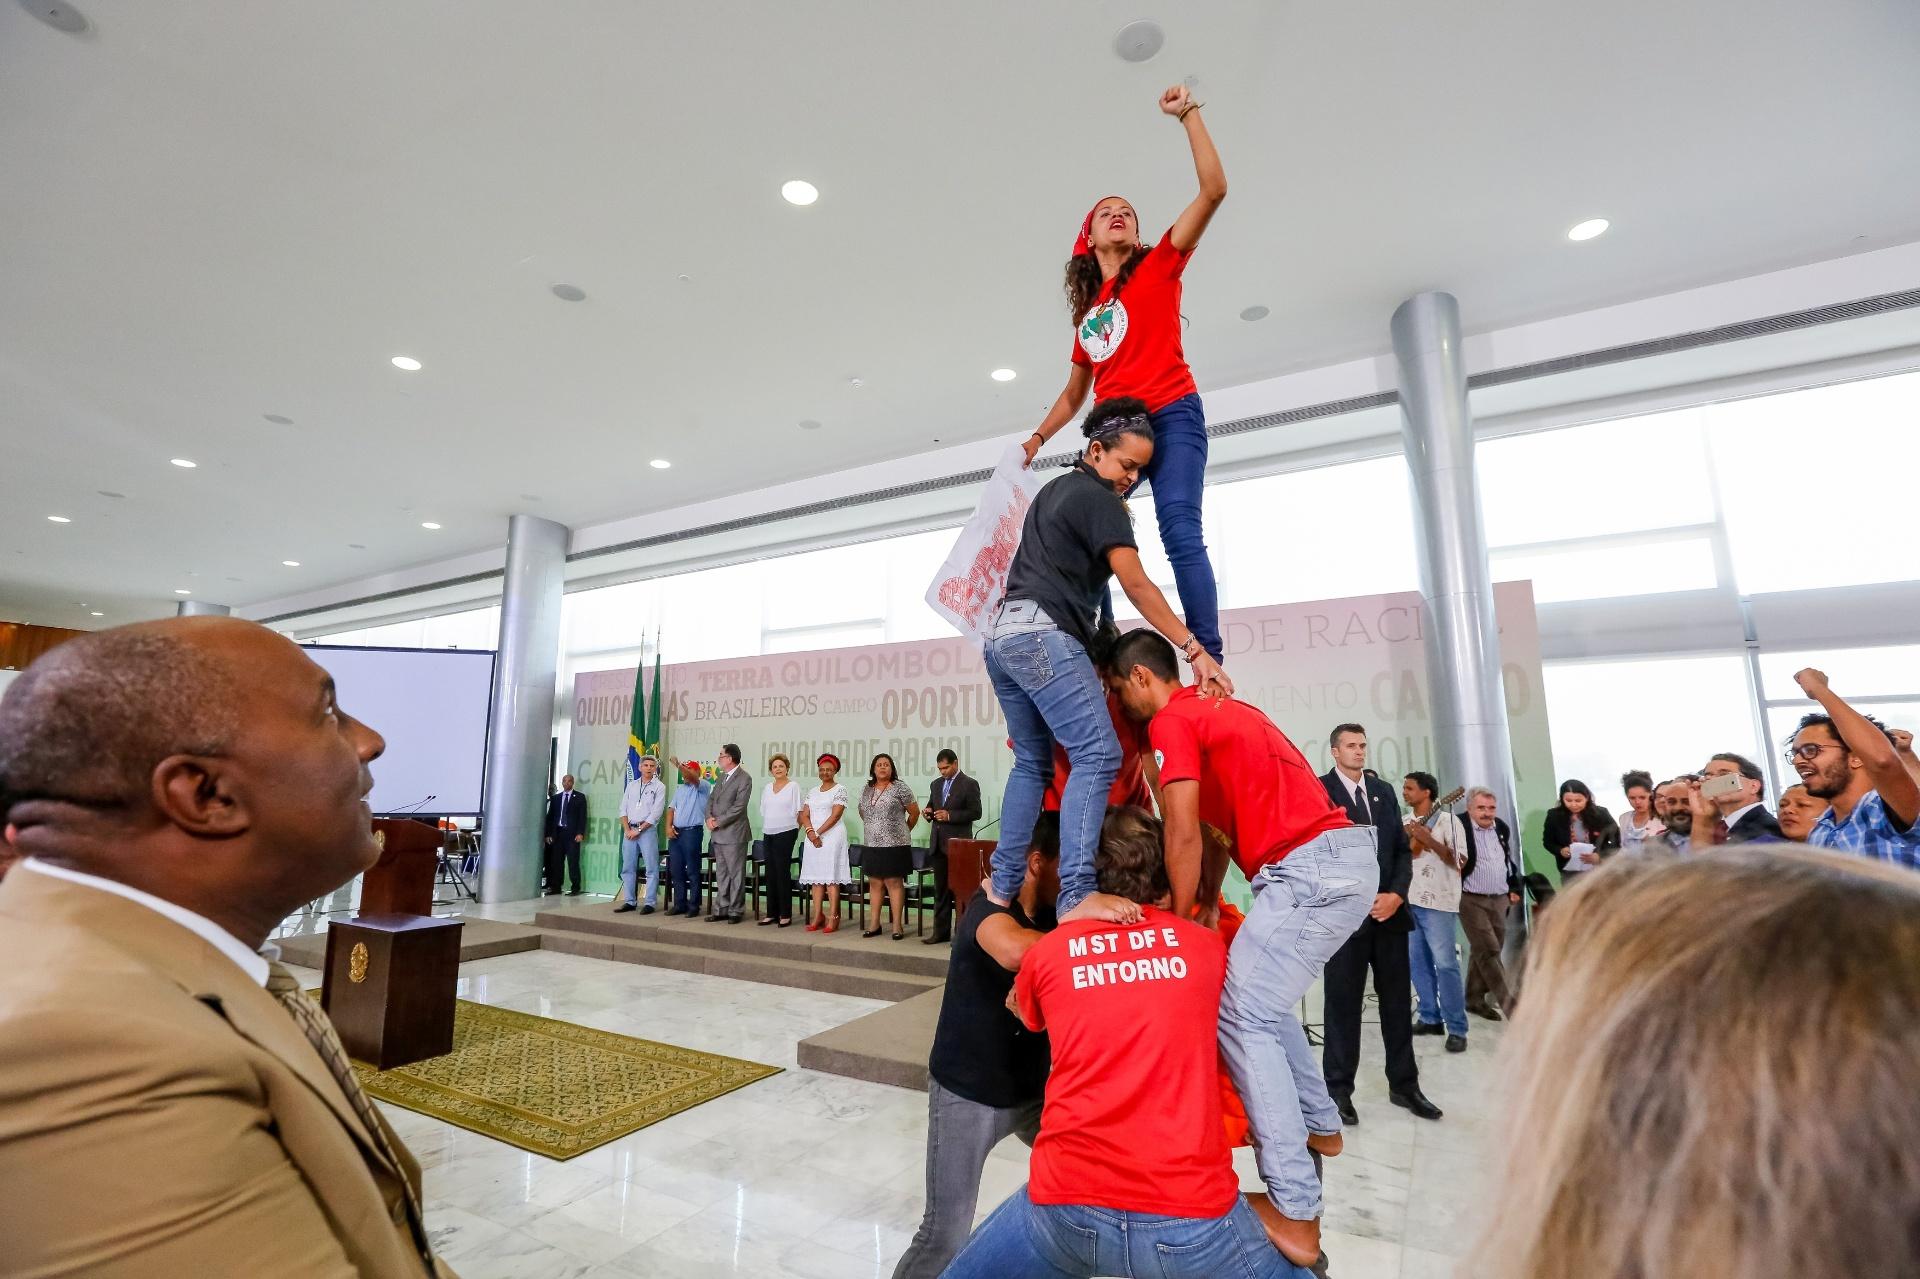 1º.abr.2016 - Integrantes do MST apoiam a presidente Dilma Rousseff com uma pirâmide humana antes de cerimônia de assinatura de Atos para a Reforma Agrária e Comunidades Quilombolas